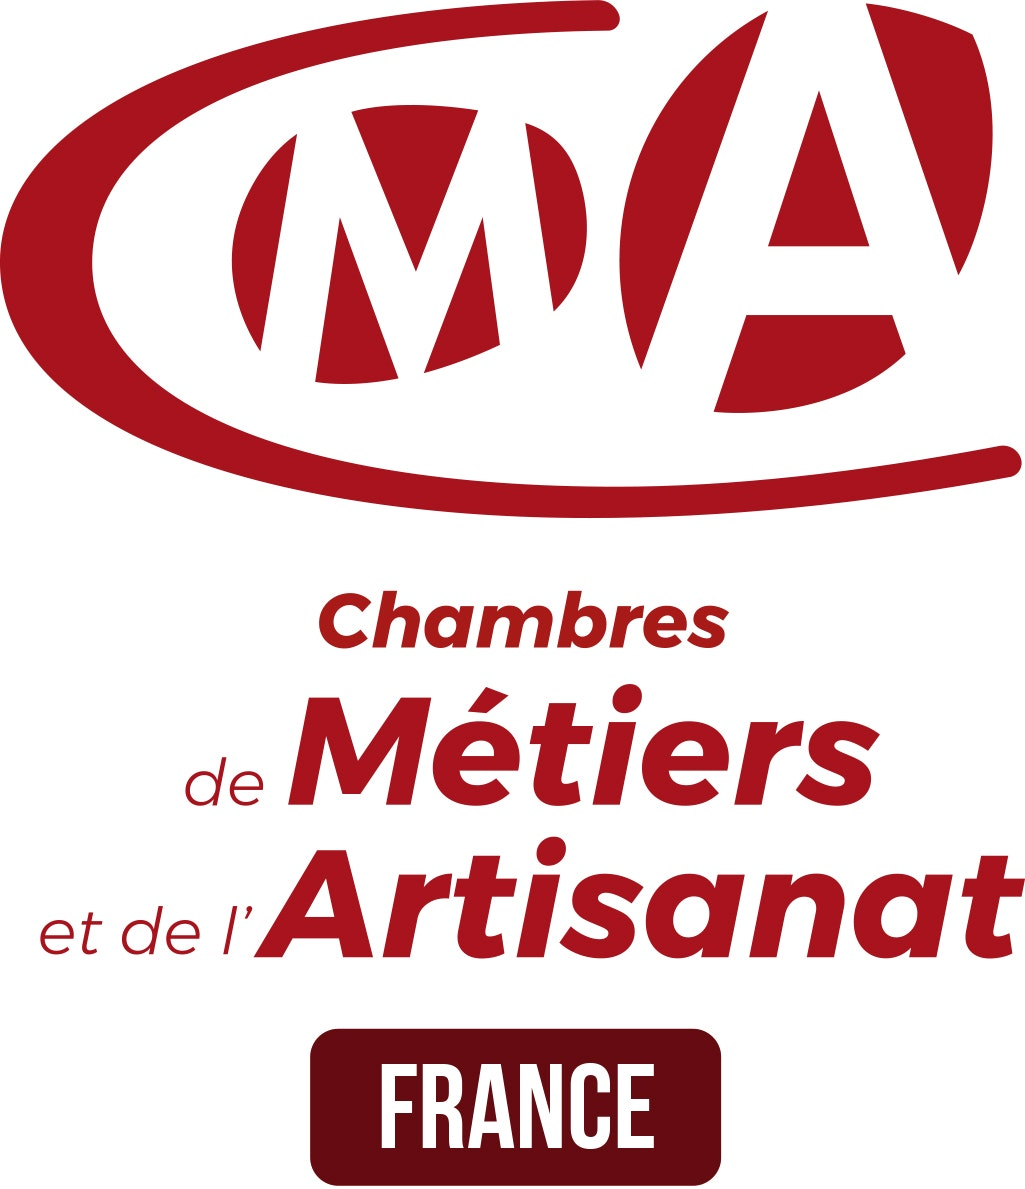 Cmafrance Rouge